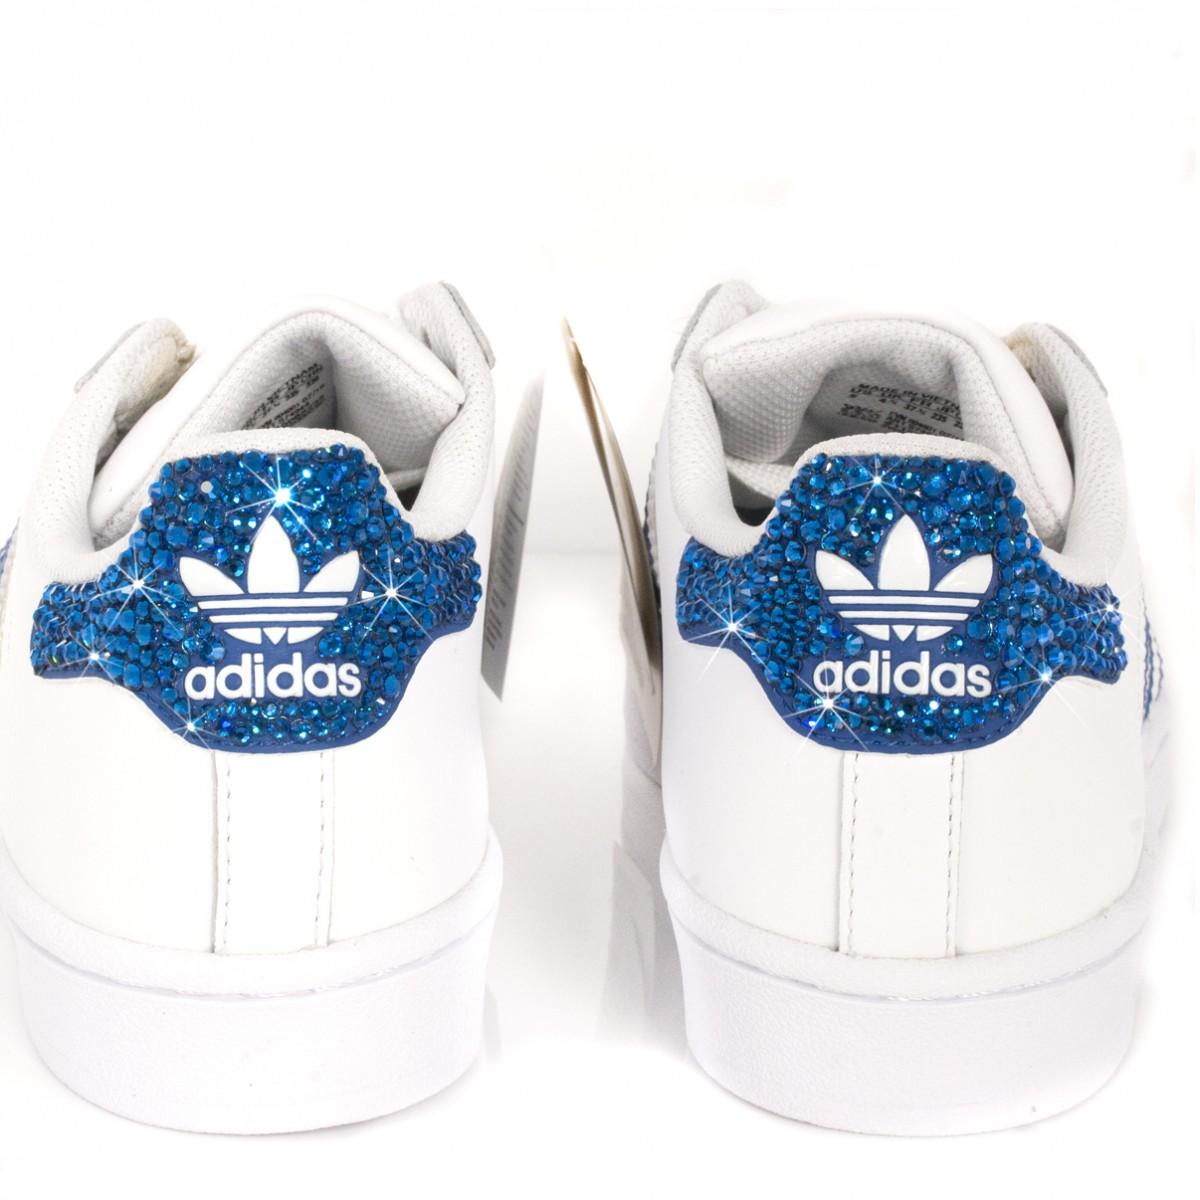 adidas scarpe con rettangoli